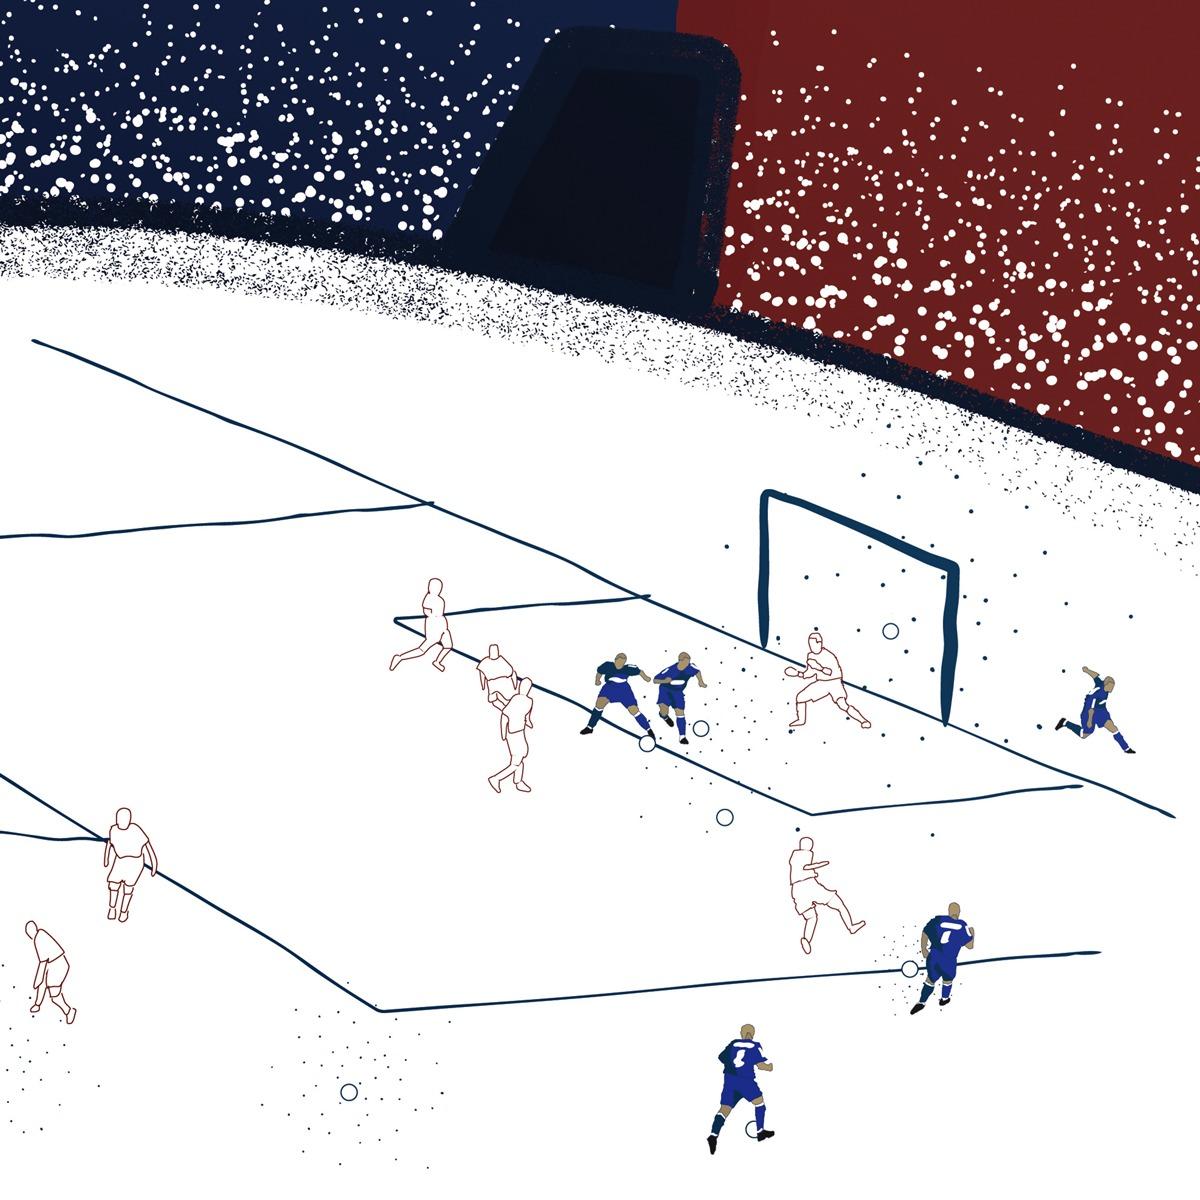 Gol de letra Alex - Copa do Brasil 2003